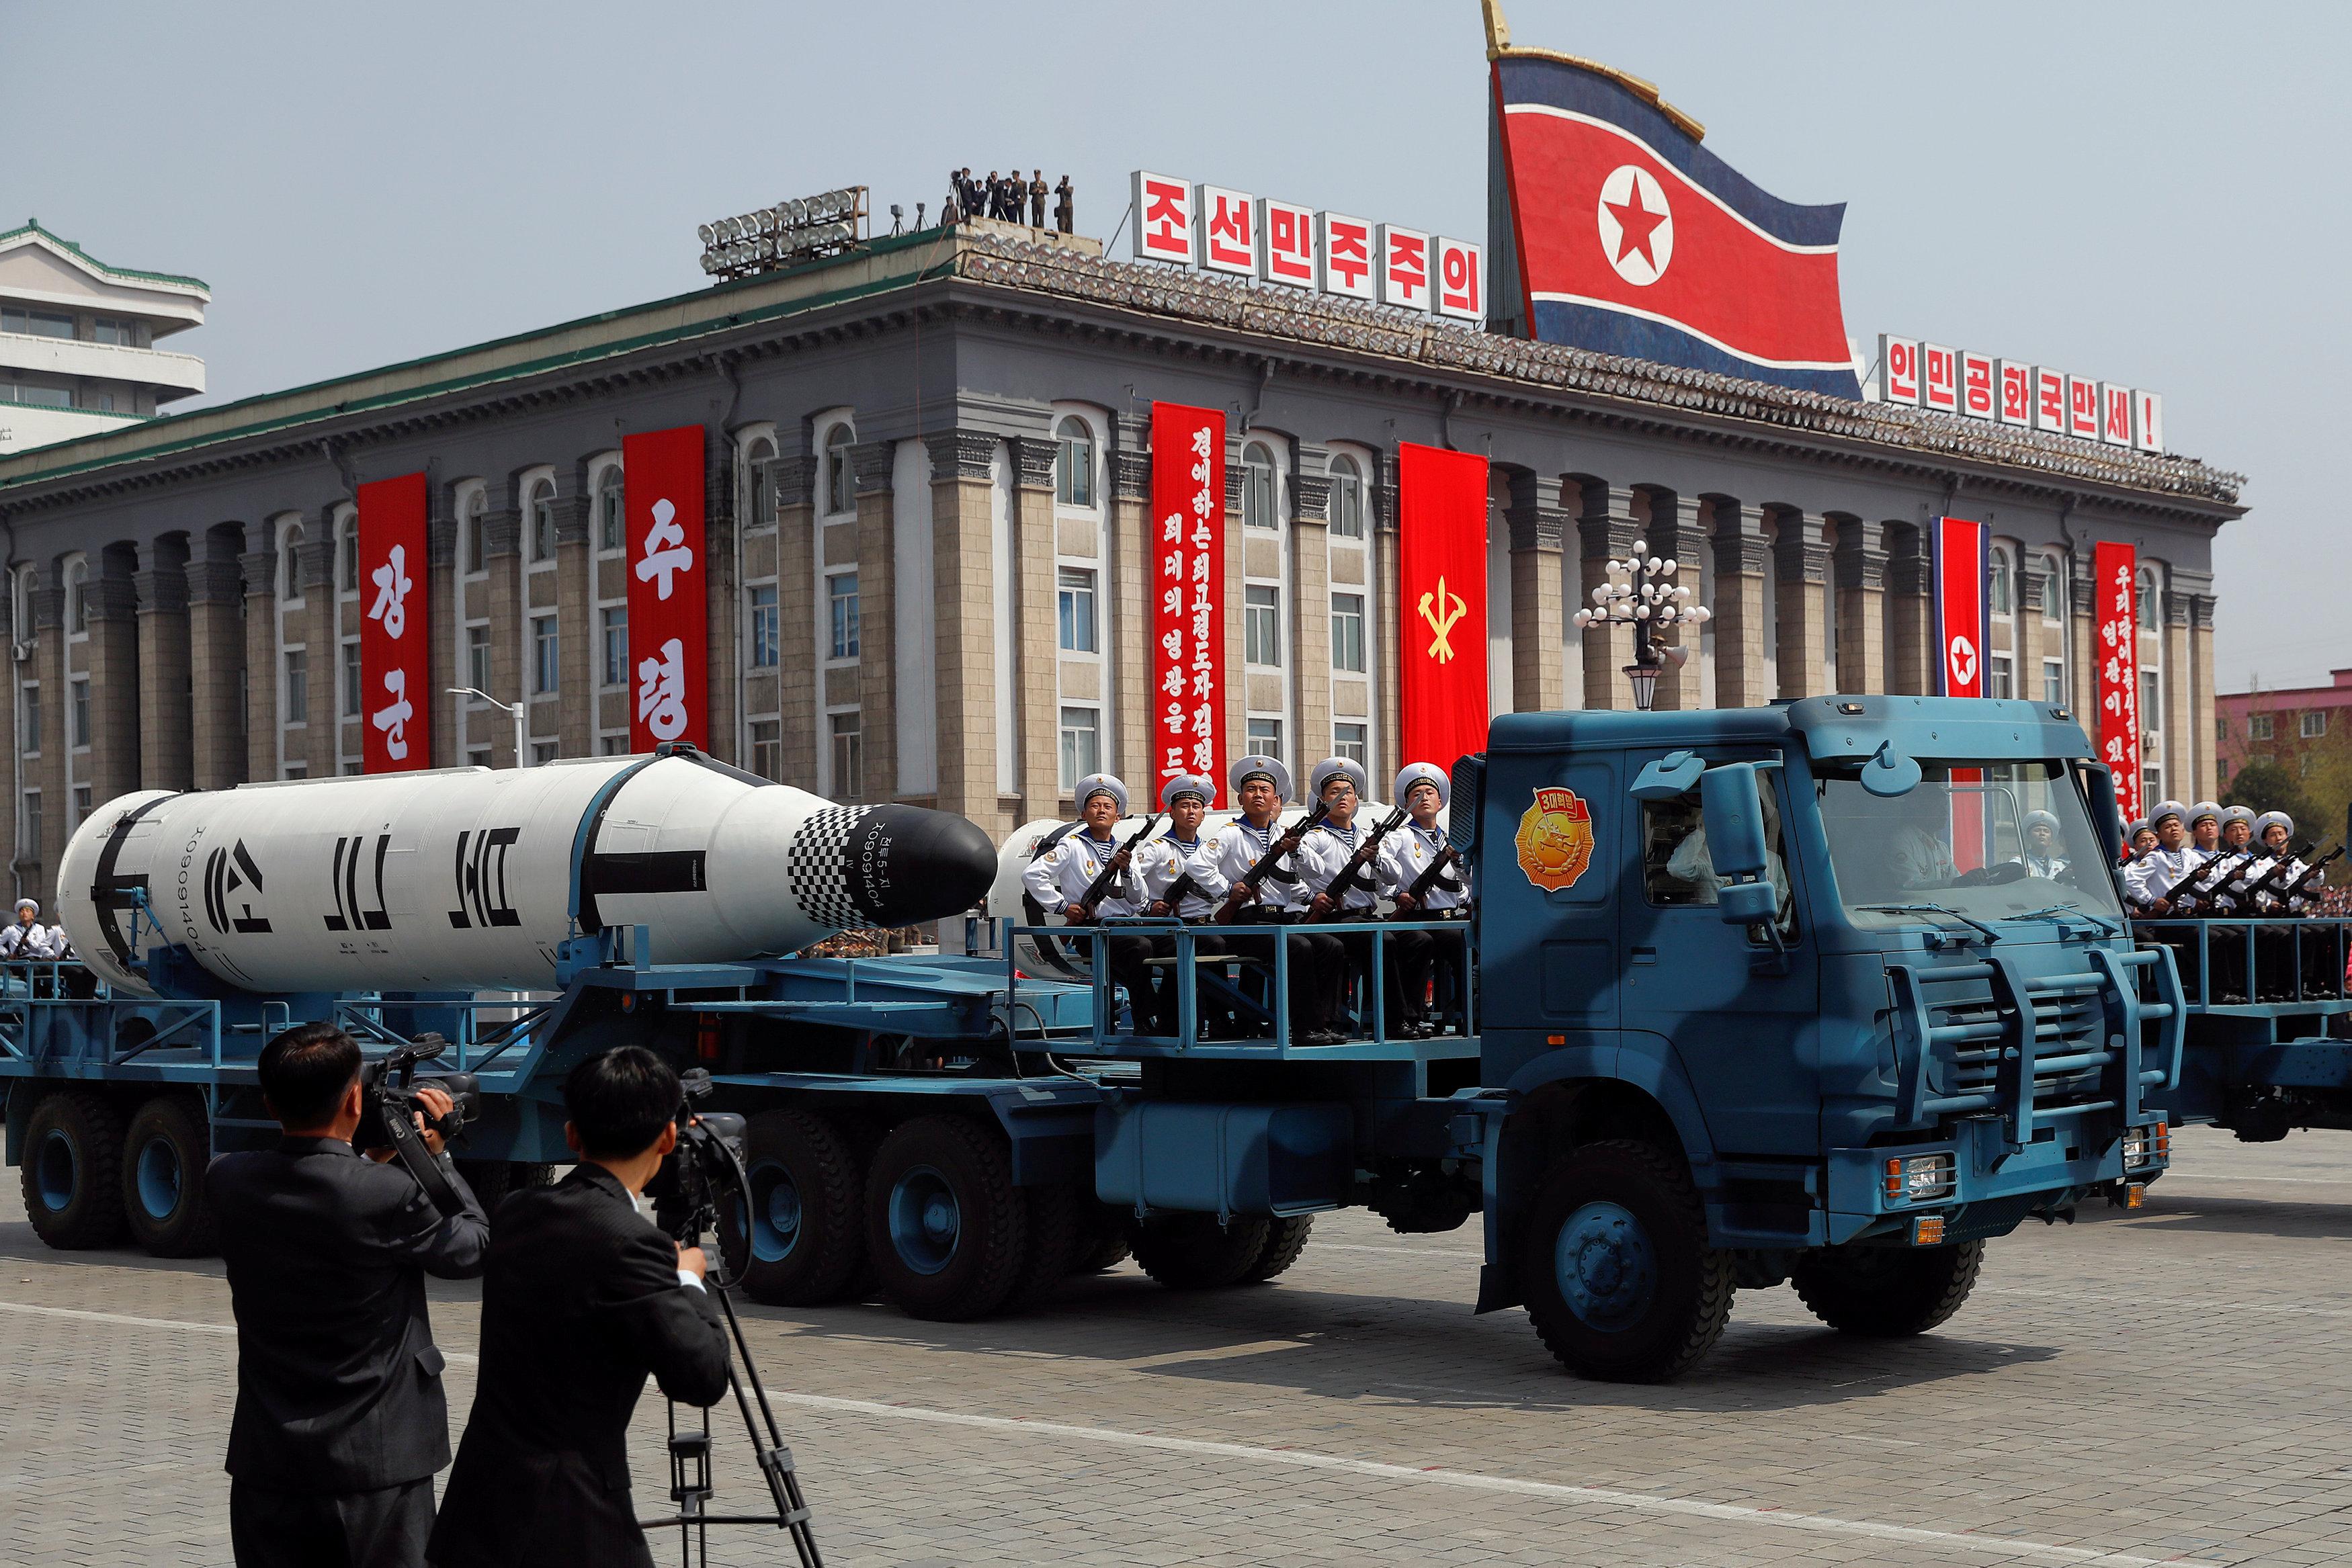 كوريا الشمالية: سنواصل التجارب النووية | قناة الغد